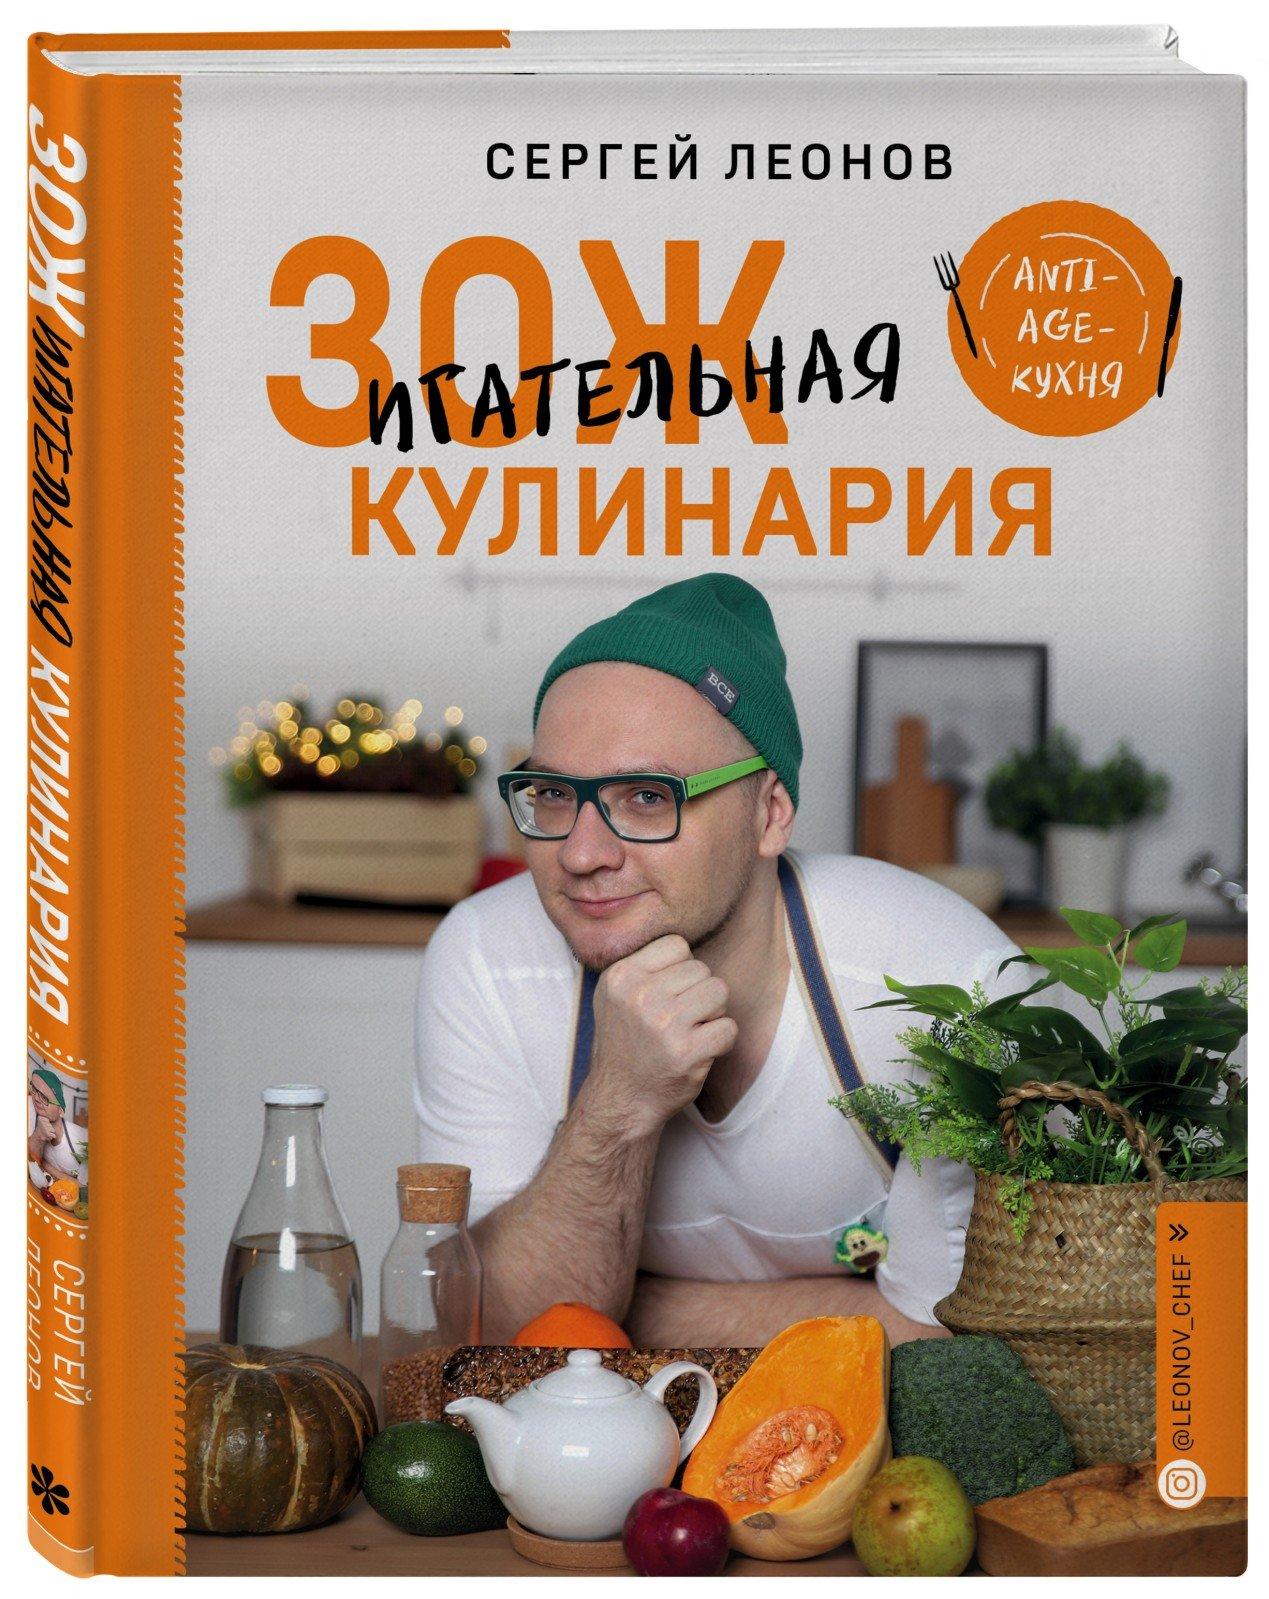 Кухня антиэйдж, война с сахаром и тело мечты. Три важных книги для ценителей здорового питания